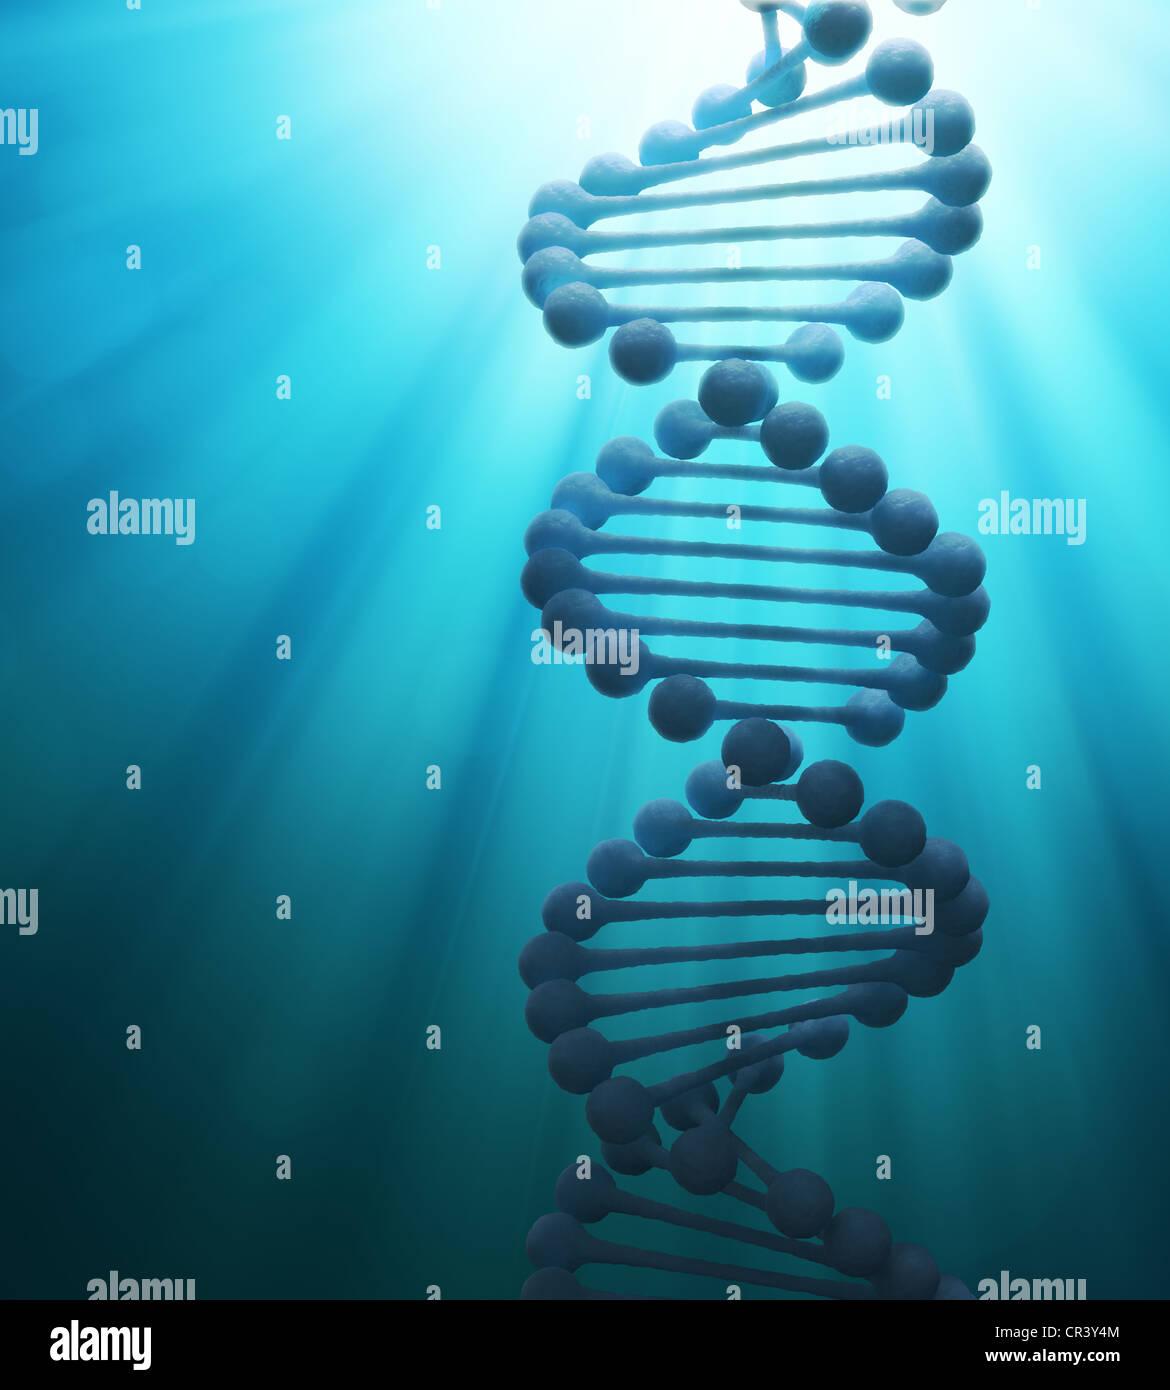 Vereinfachte DNA-Doppelhelix Strang Modell Stockfoto